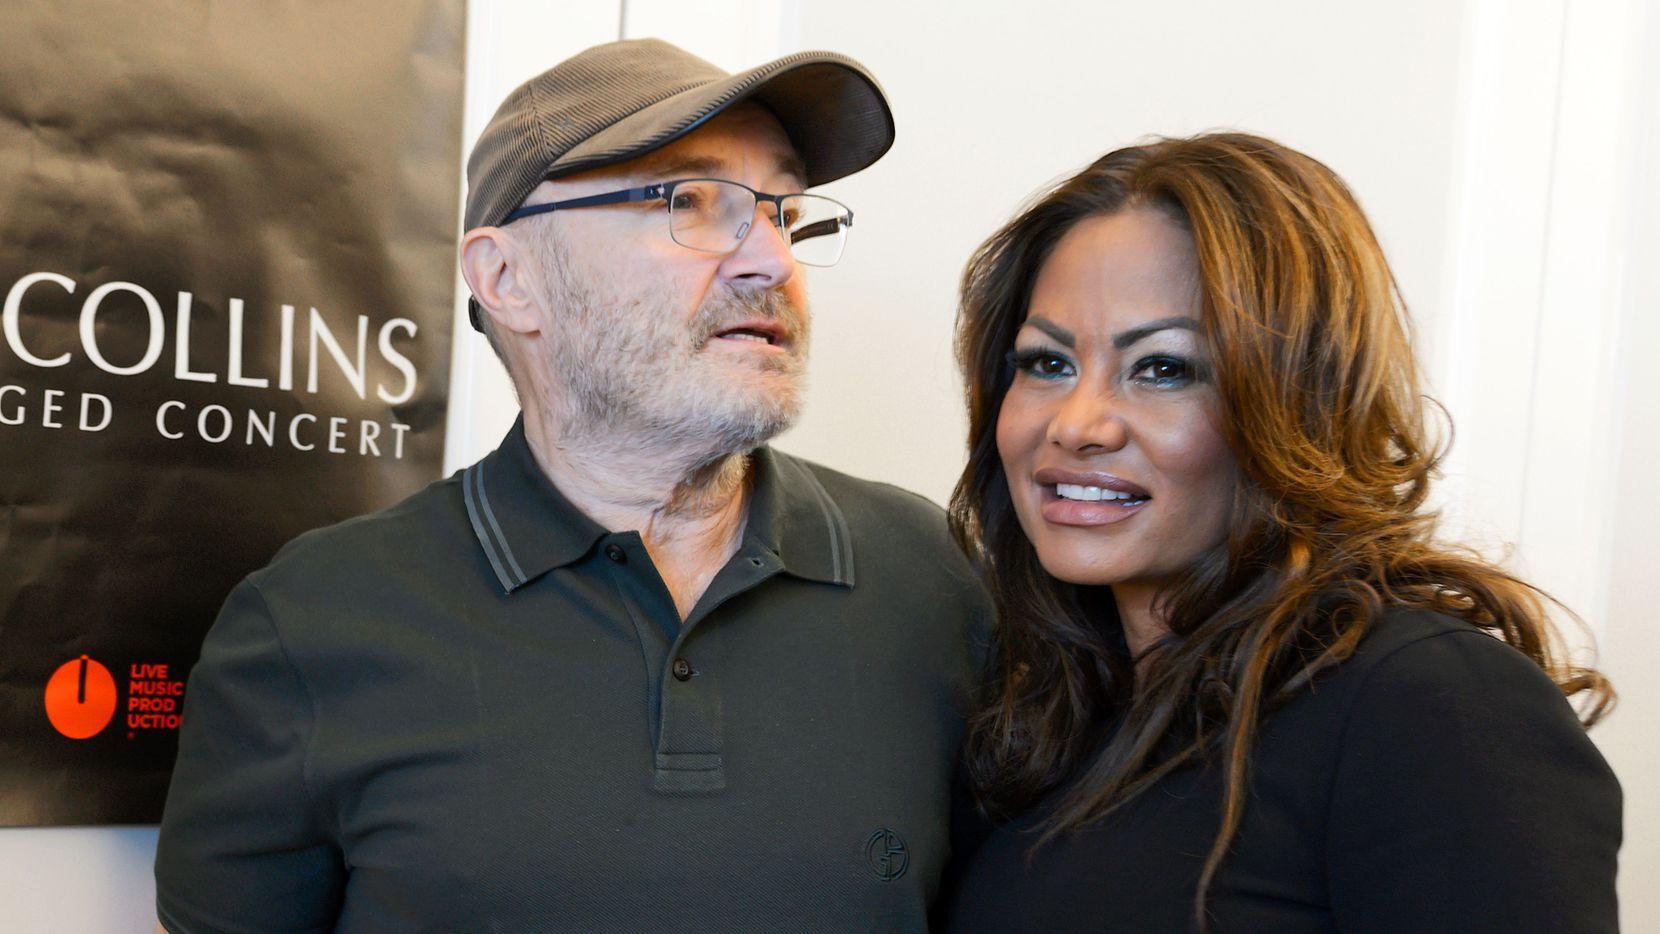 Phil Collins dijo que ya no mantendrá económicamente a Orianne Cevey, luego que su expareja contrajo matrimonio con otro hombre.